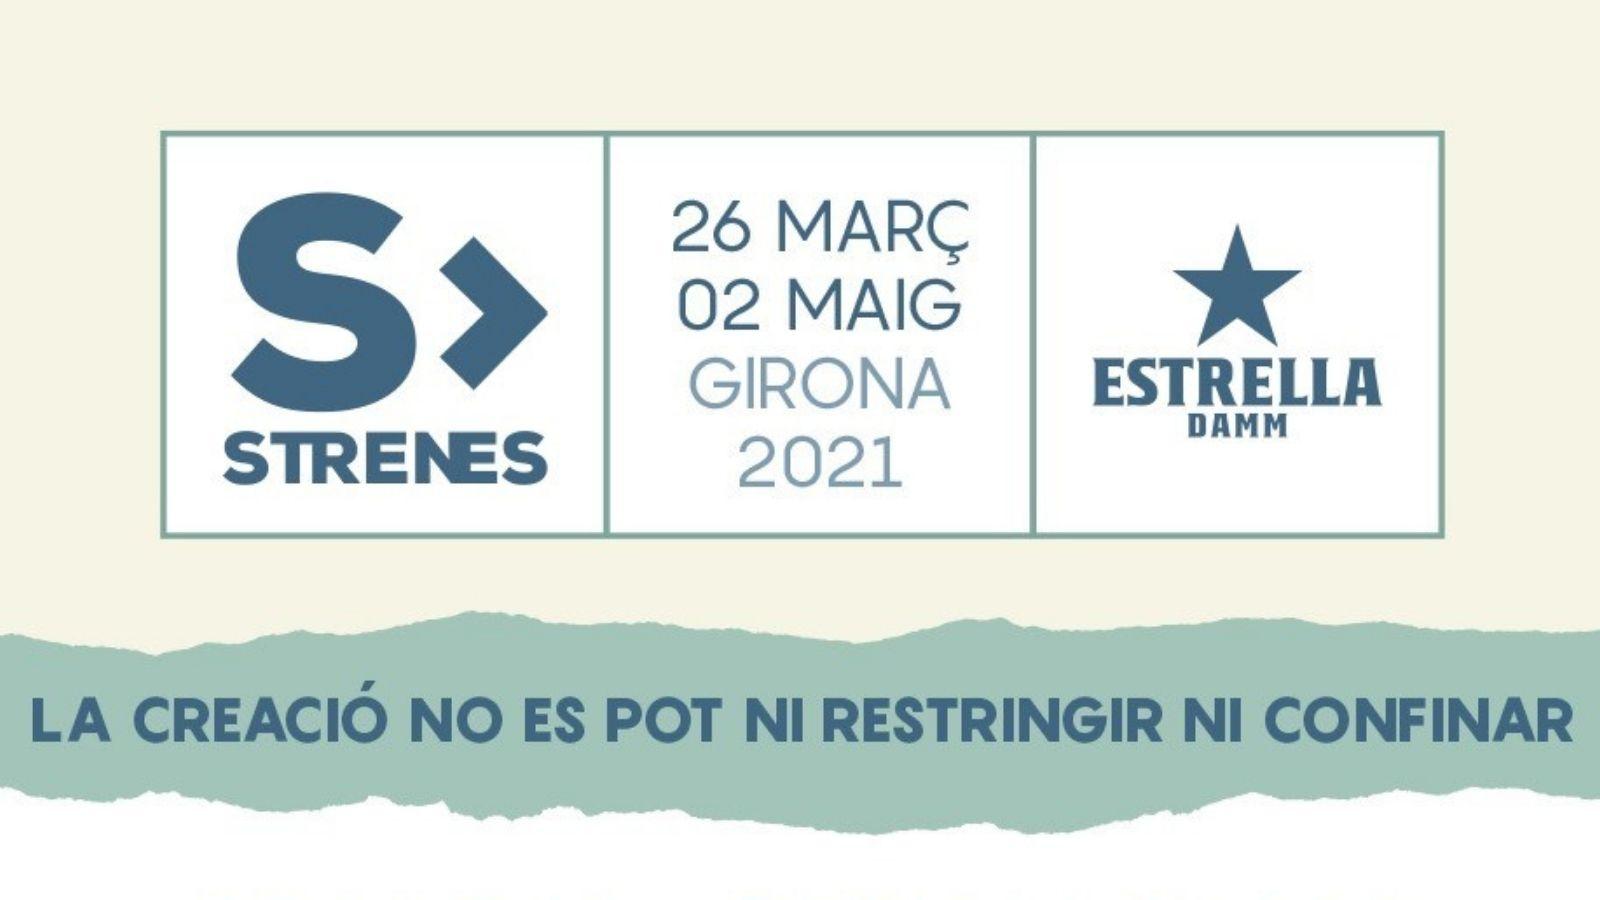 Torna el Festival Strenes de Girona, del 26 de març al 2 de maig